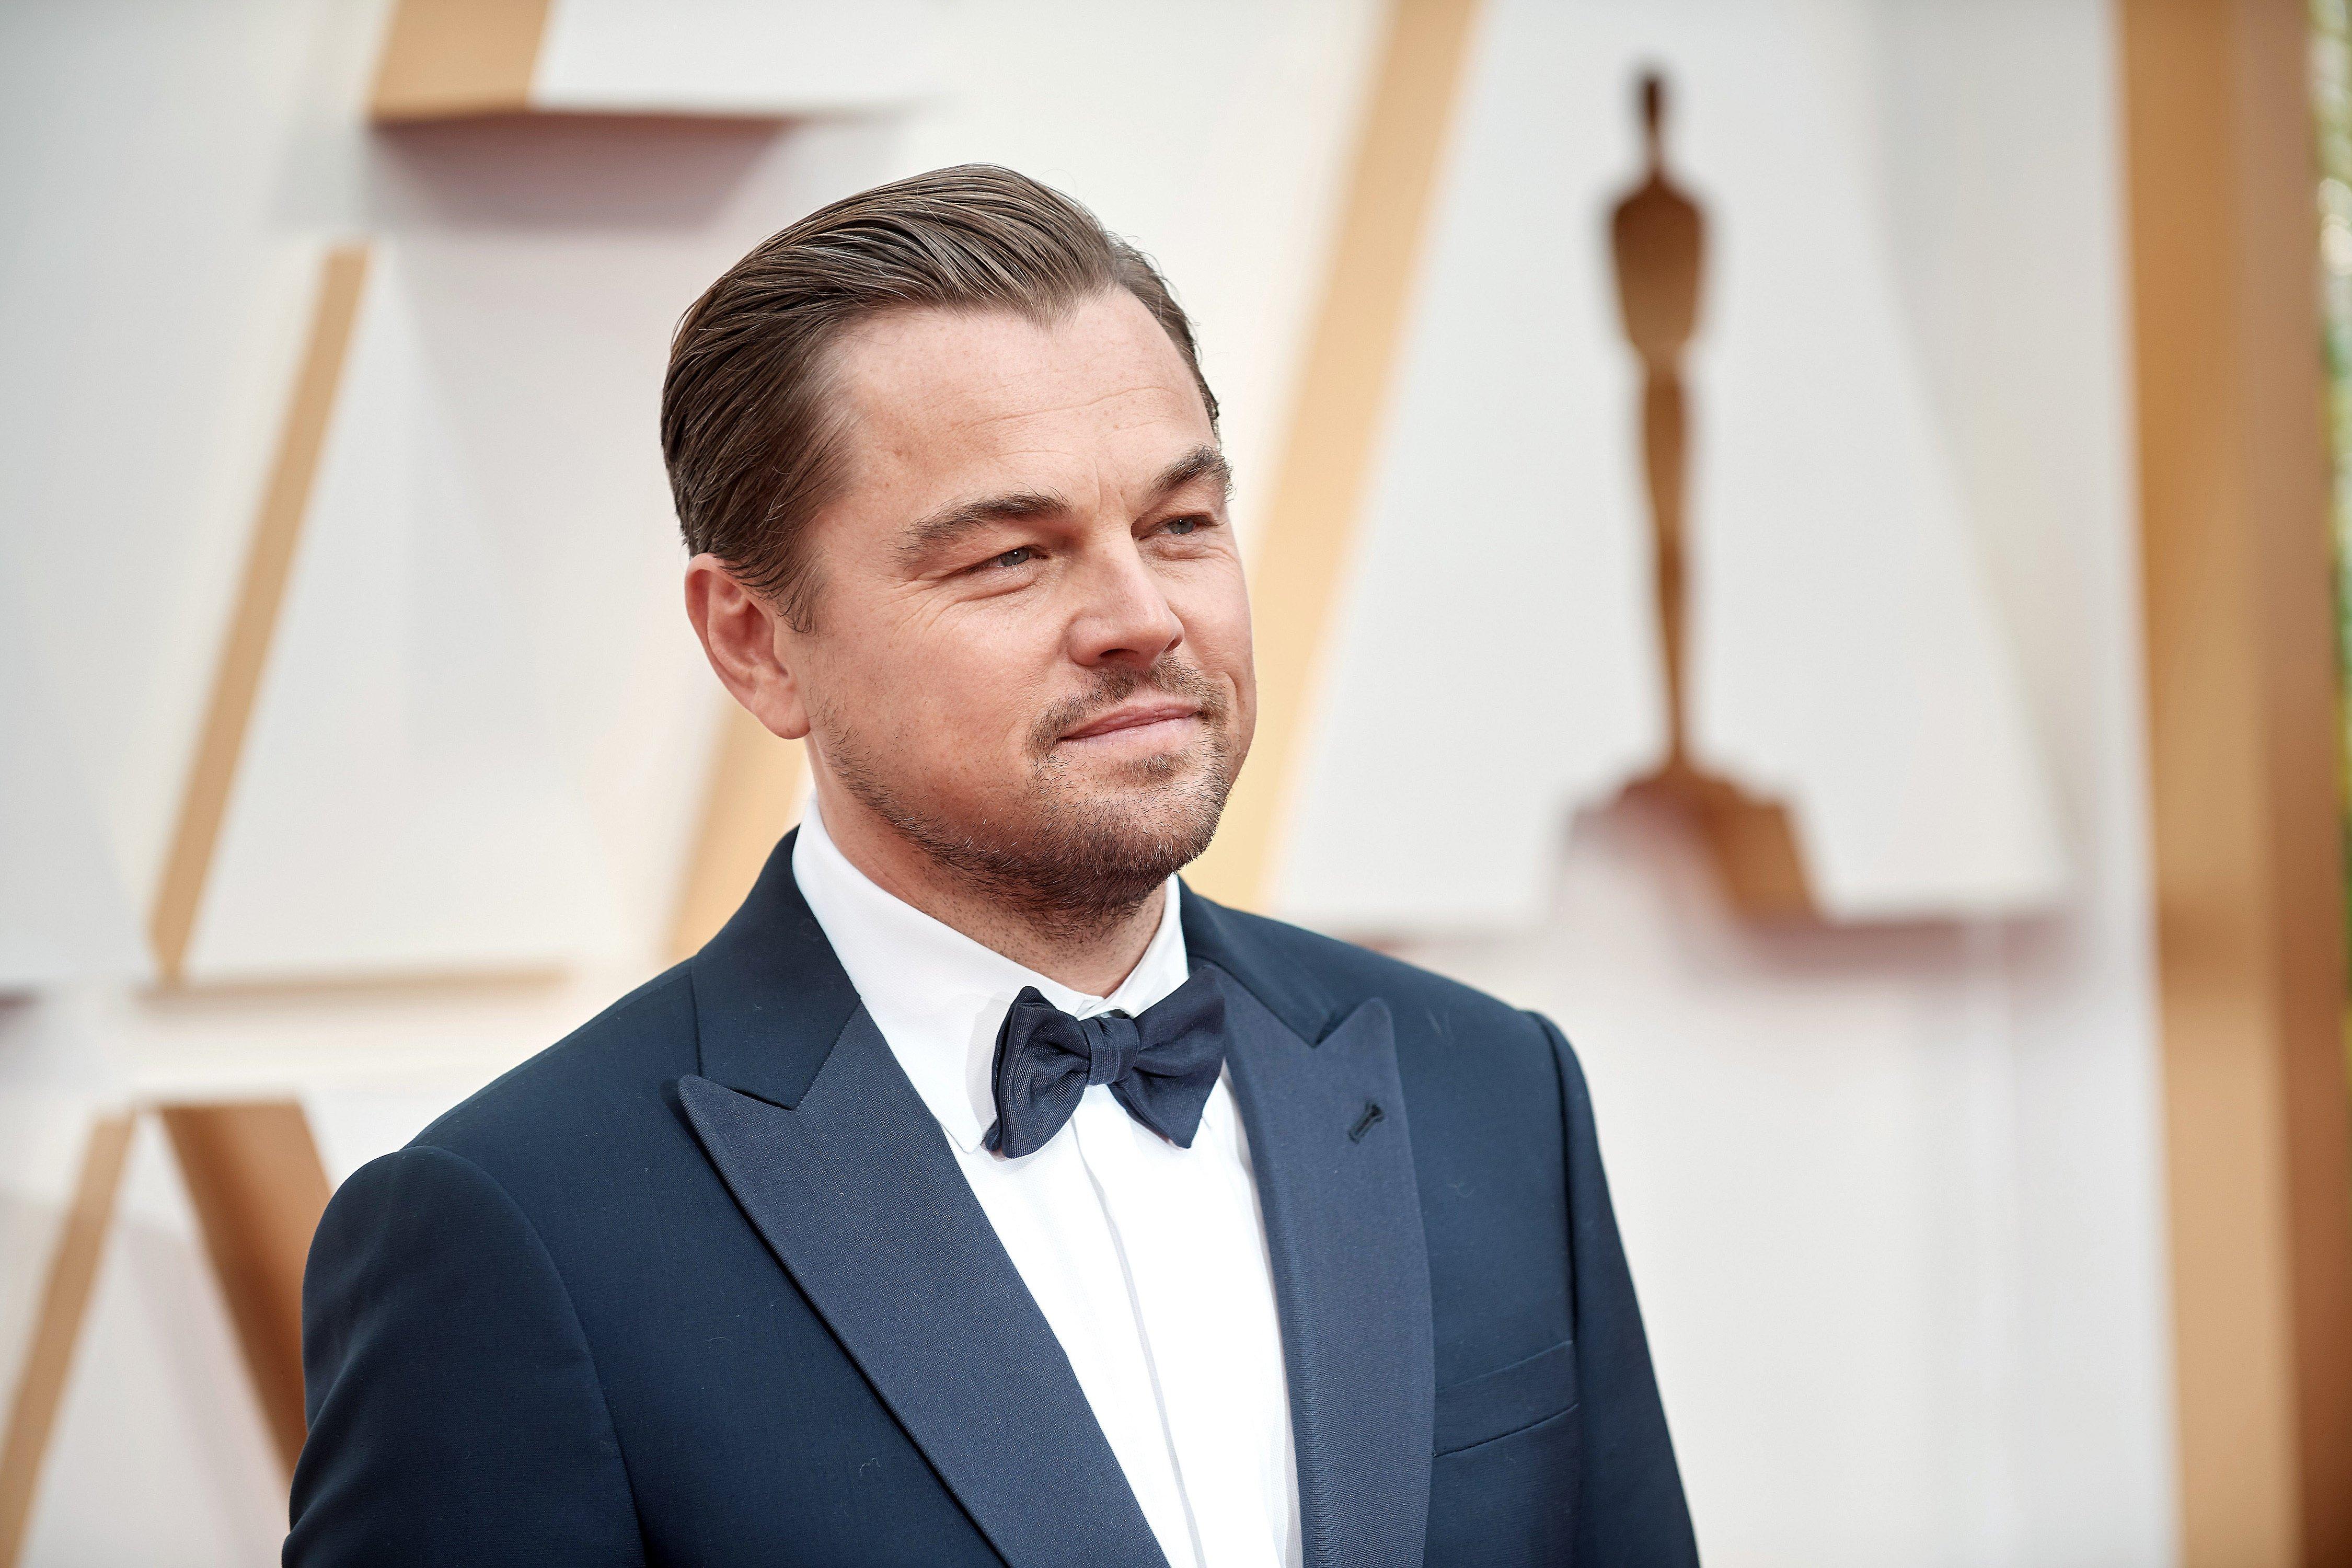 DiCaprio donates!